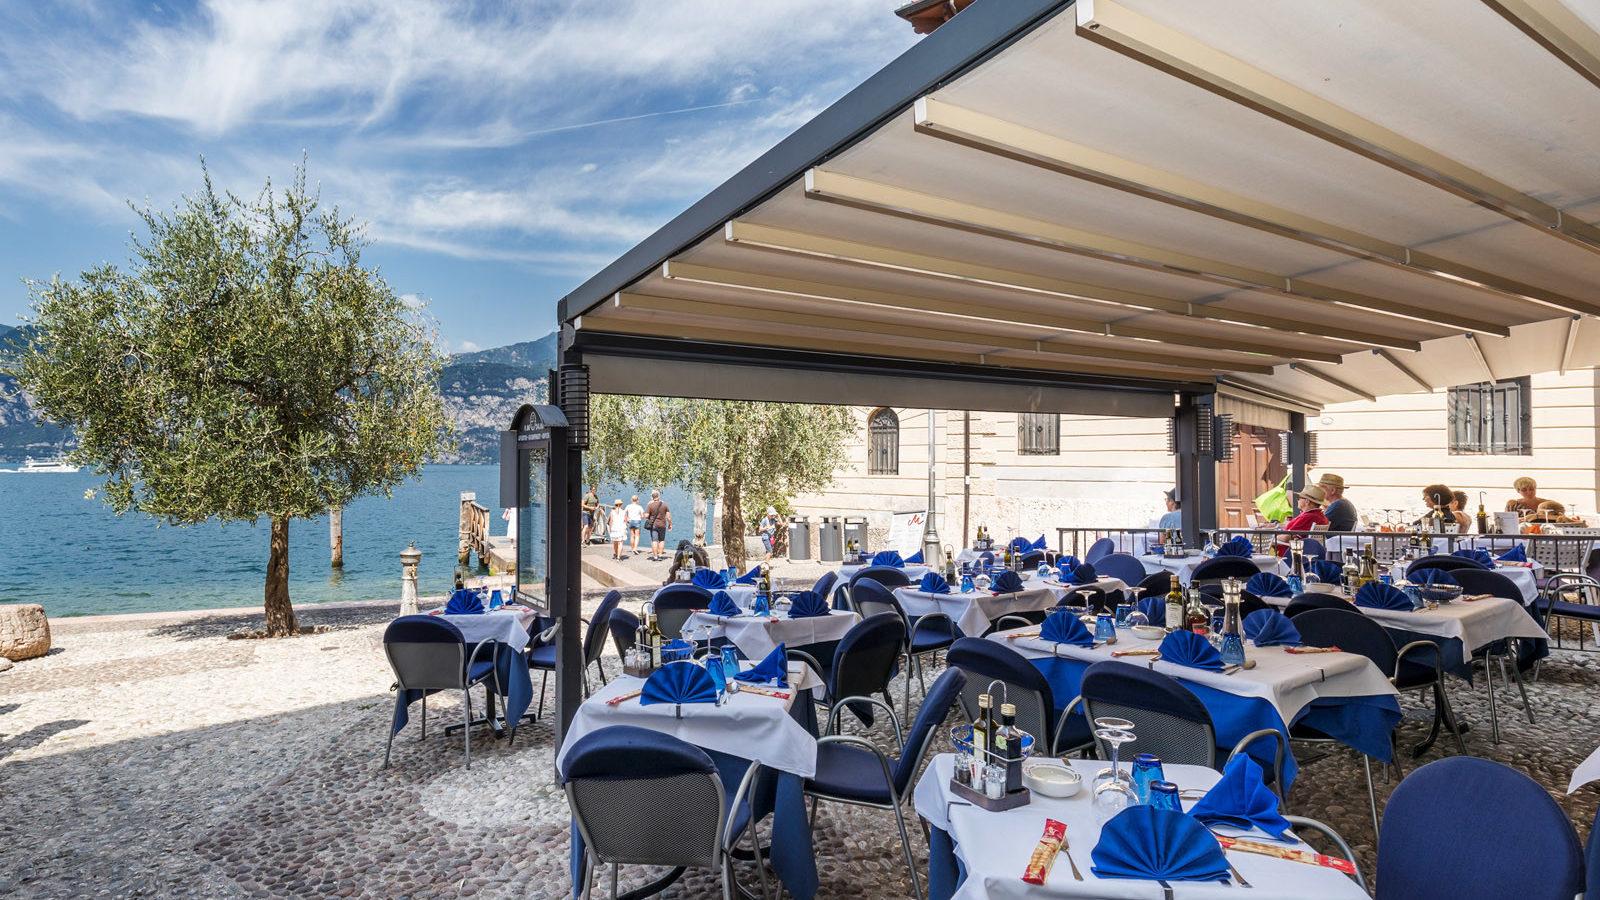 Bar Pizzeria Ristorante La Pace Malcesine al porto vecchio di Malcesine con plateatico all'aperto vista lago